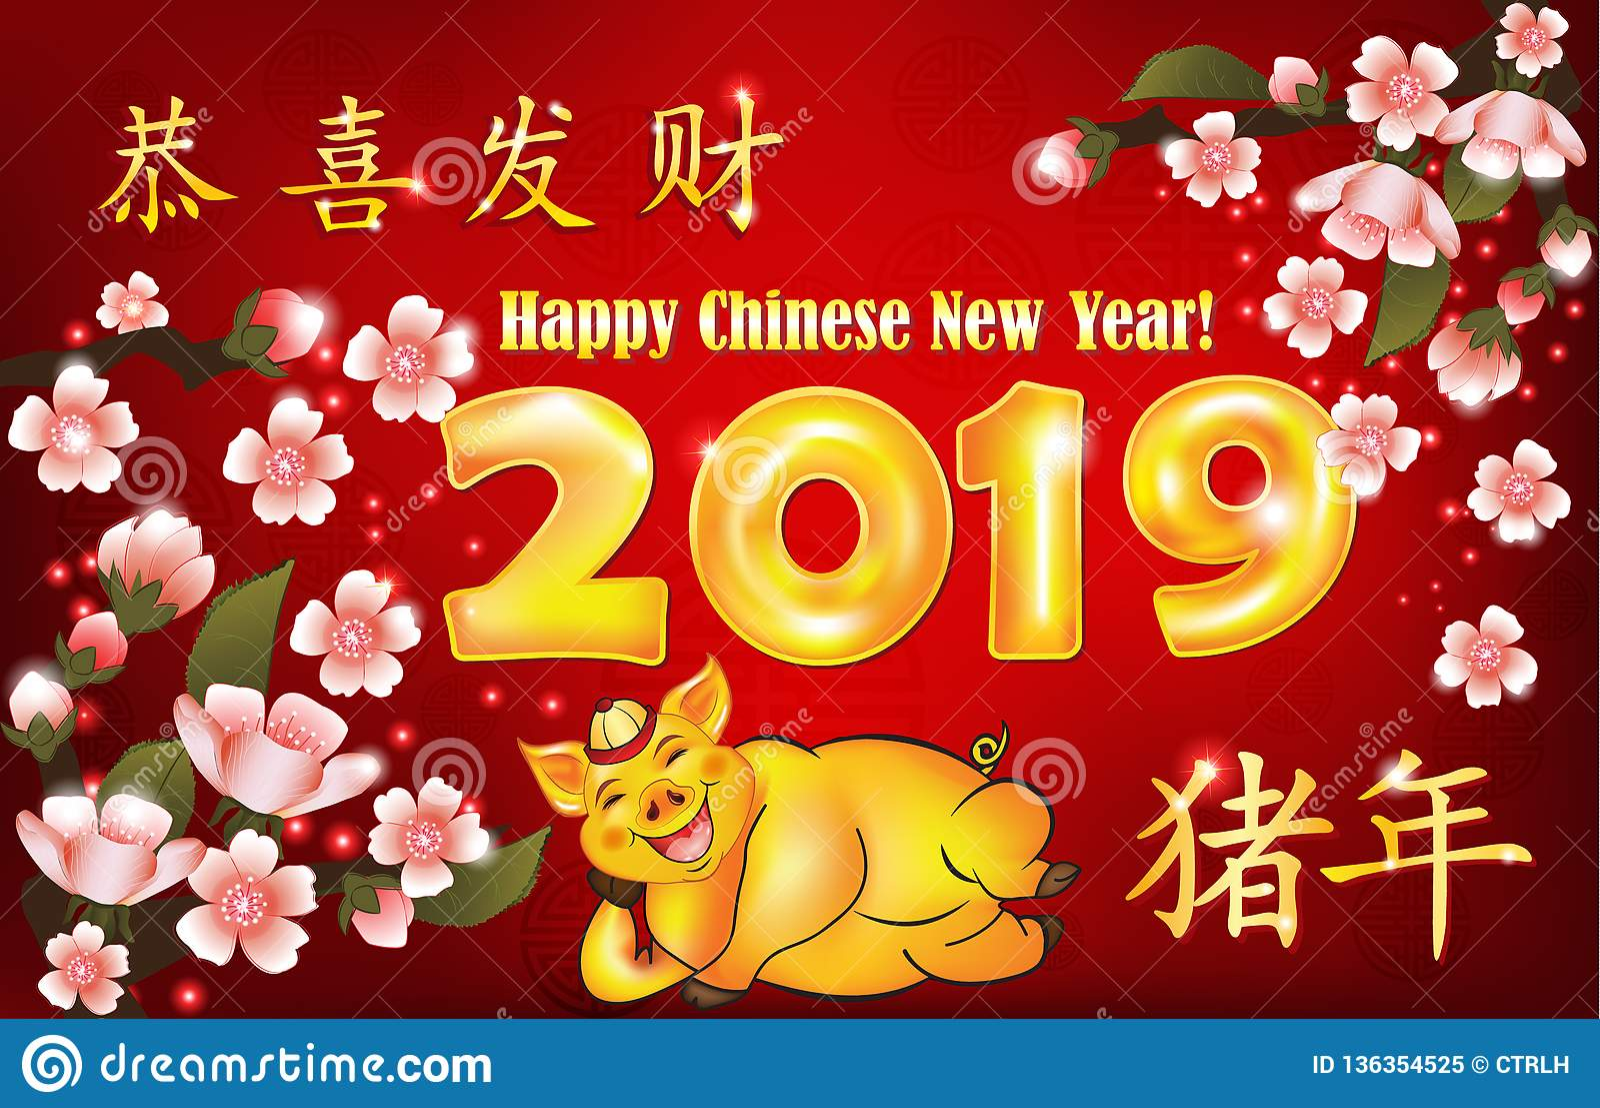 Gelukkig Nieuwjaar van het aardevarken 2019 - bloemengroetkaart met rode achtergrond, met tekst in Chinees en het Engels